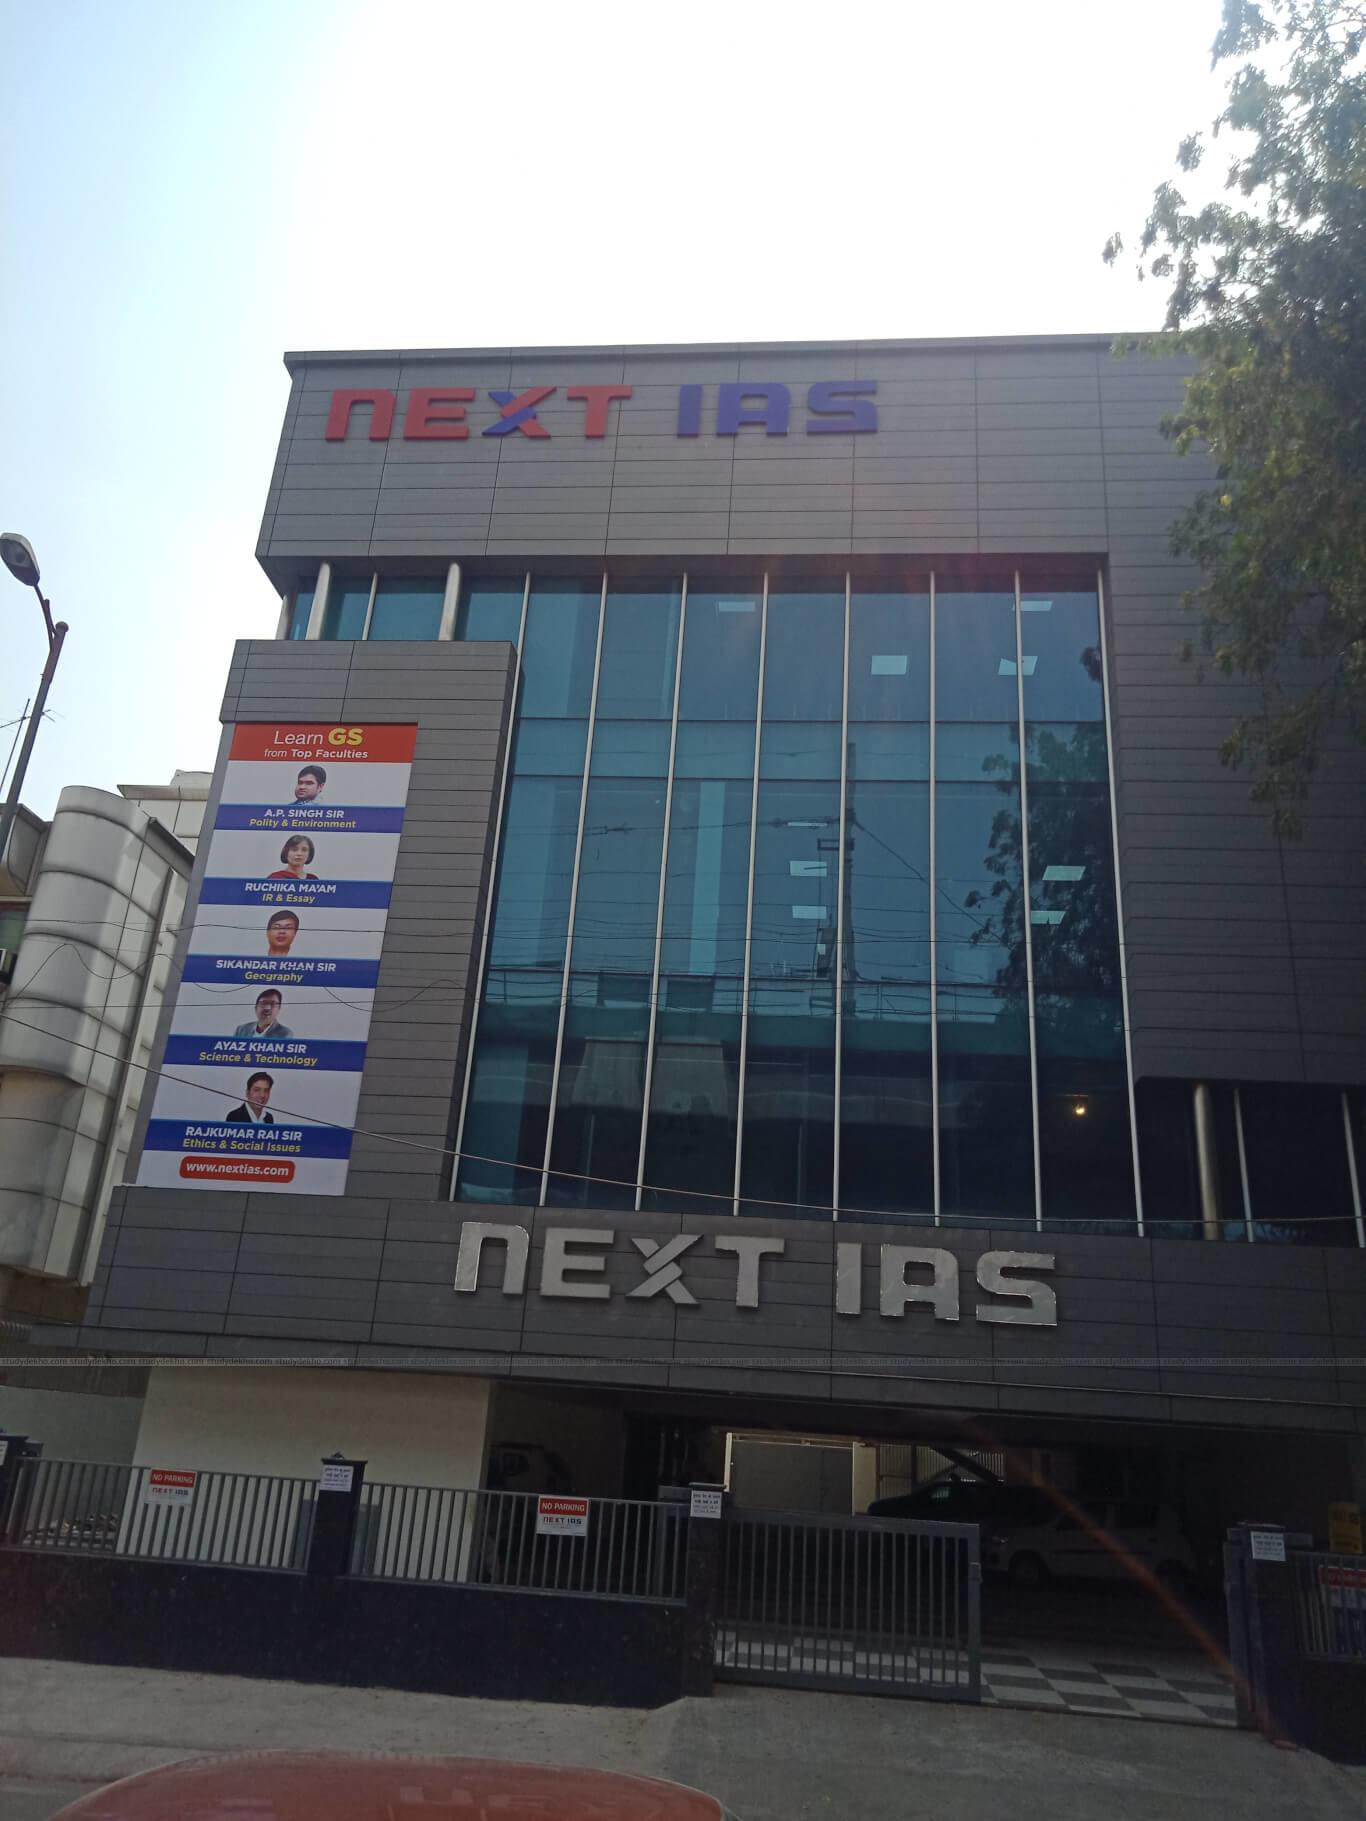 NEXT IAS Logo